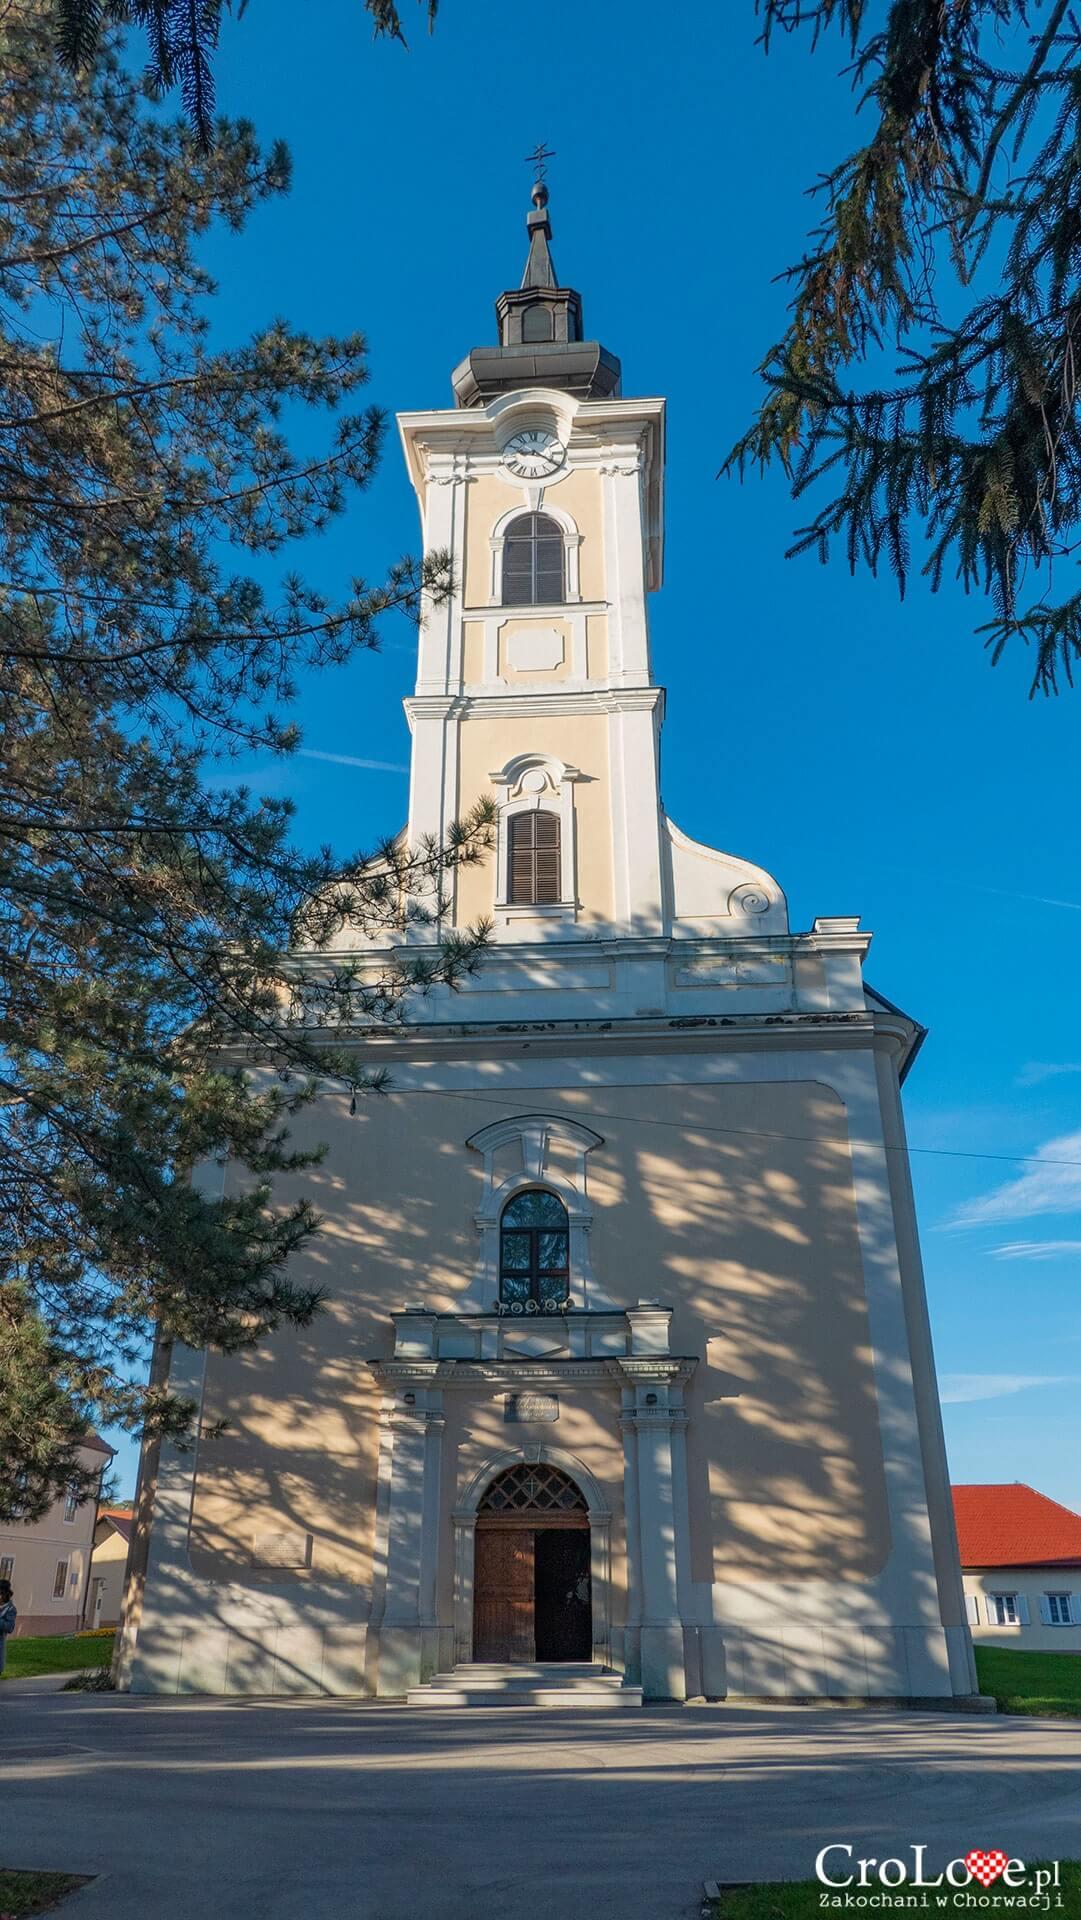 Kościół św. Wawrzyńca, Petrinja - region Sisačko-Moslavački